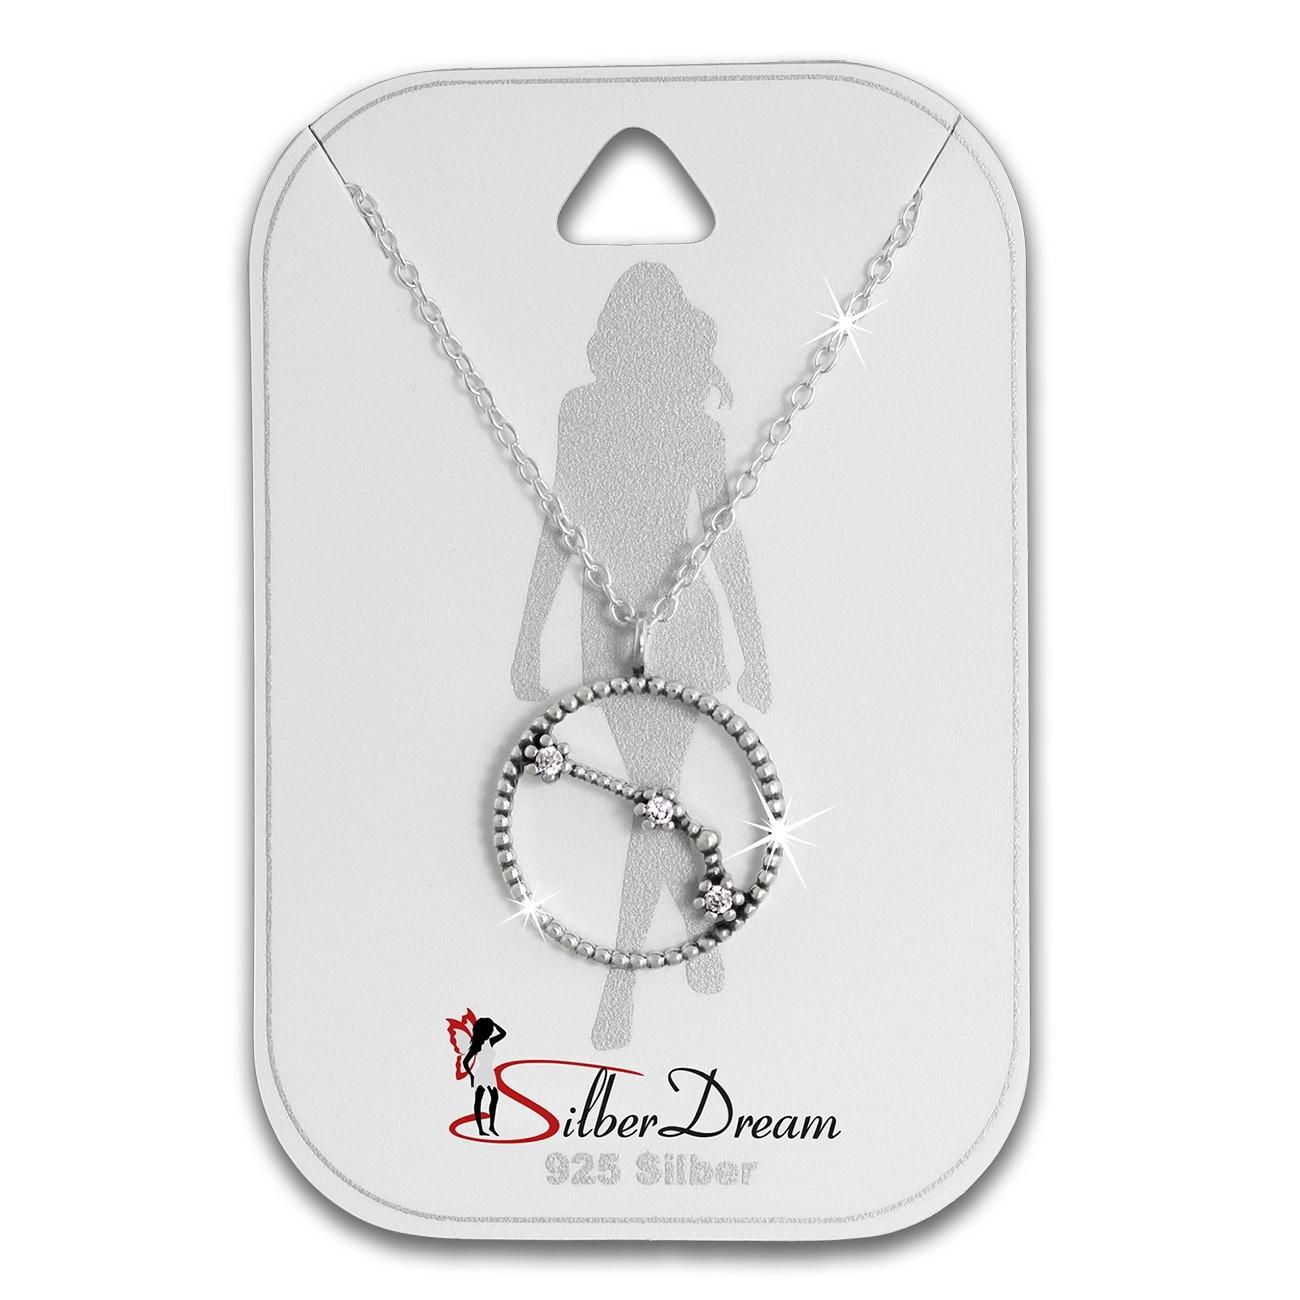 SilberDream Halskette Sternzeichen Widder 925 Silber 45cm Damen Kette SDK8504W